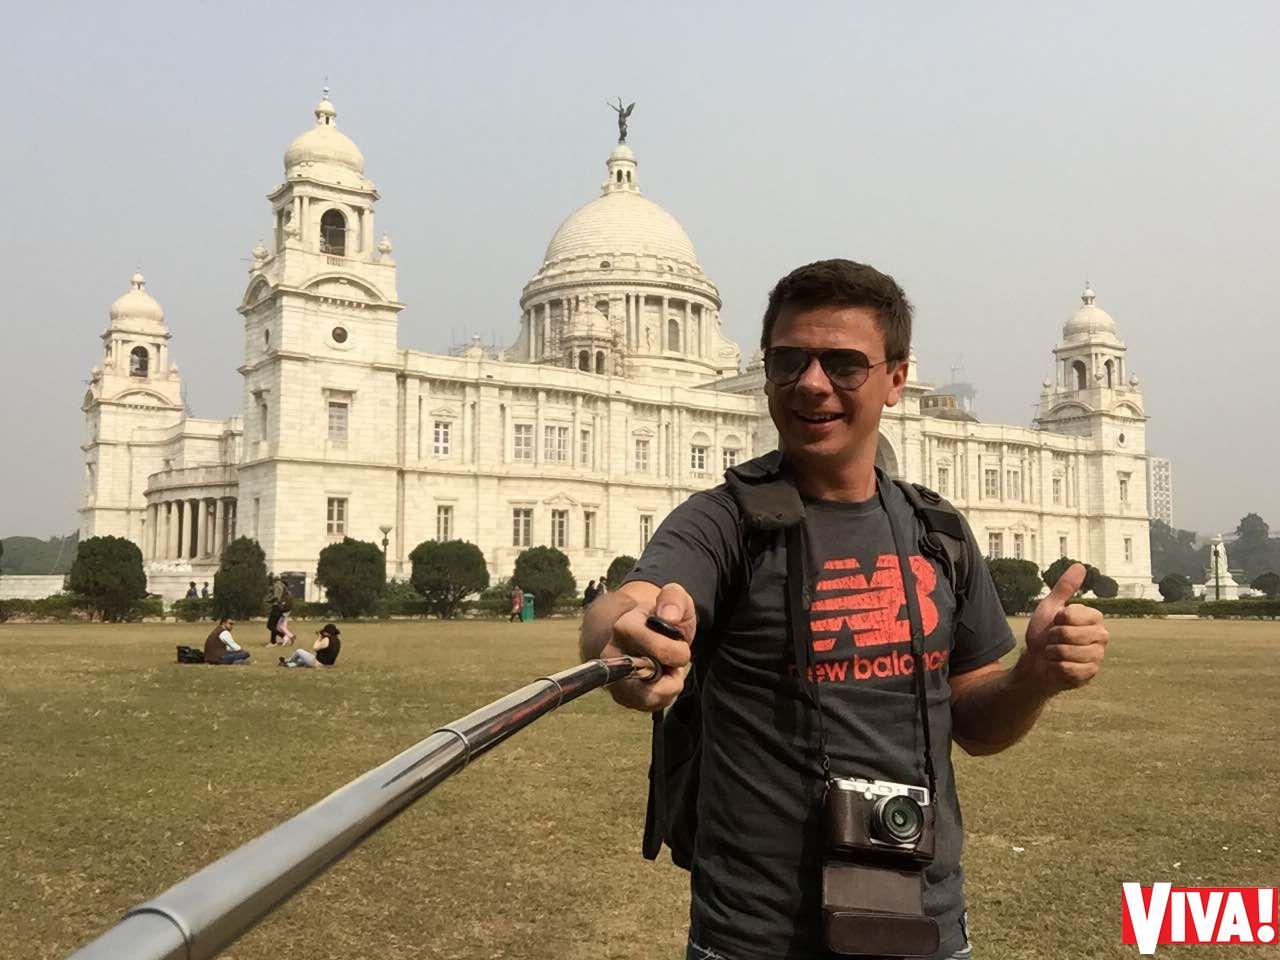 Дмитрий Комаров провел зимний отпуск в Индии